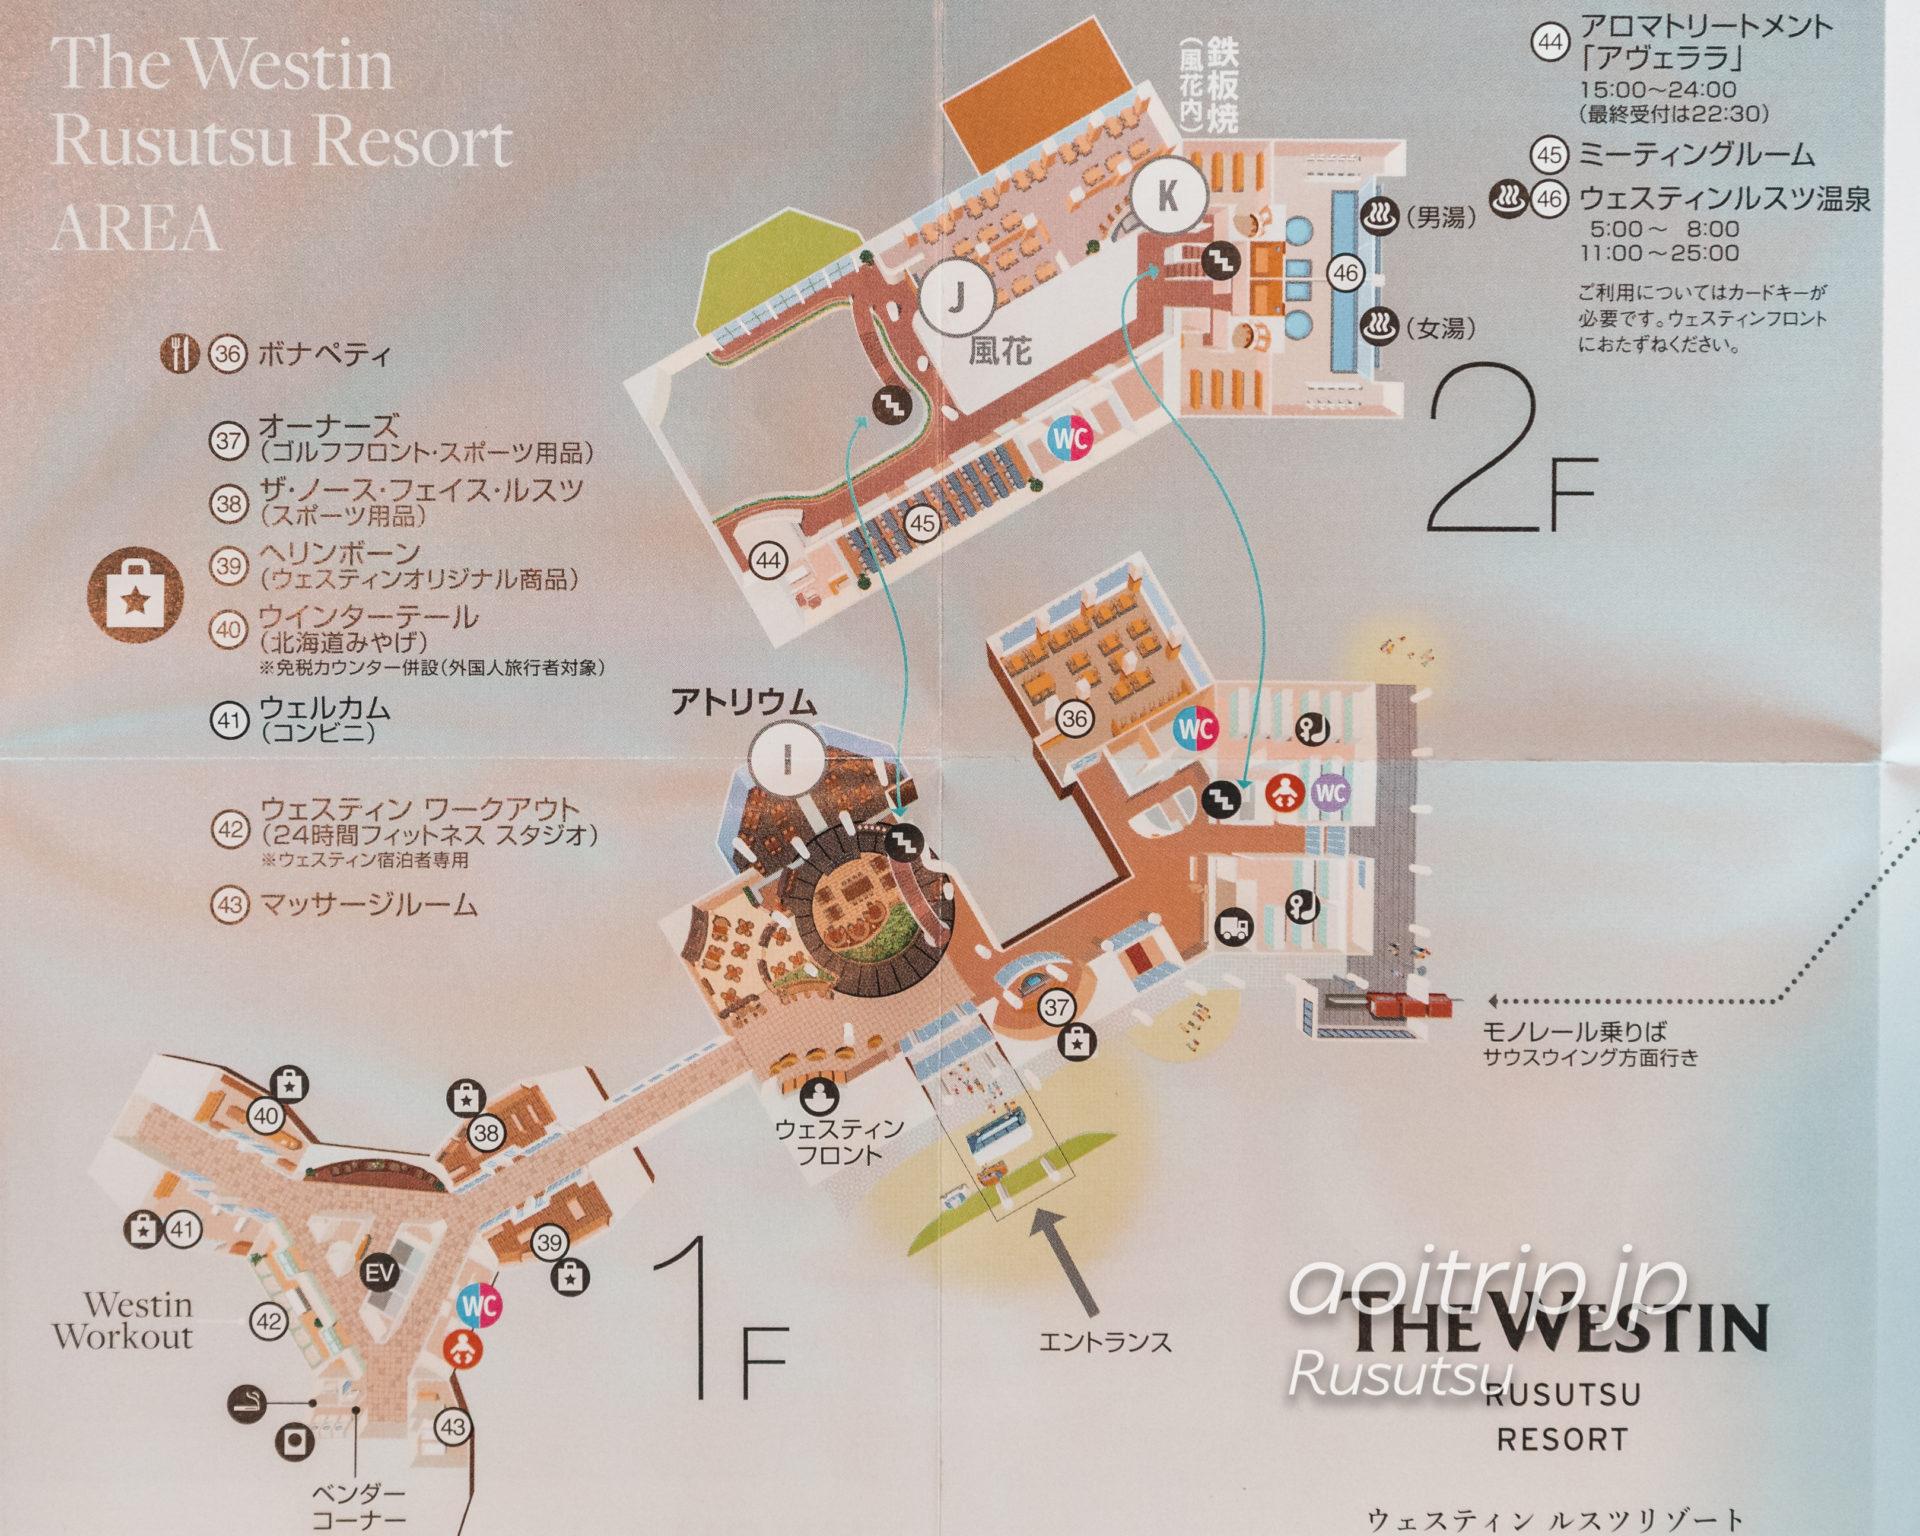 ウェスティン ルスツリゾート The Westin Rusutsu Resort マップ